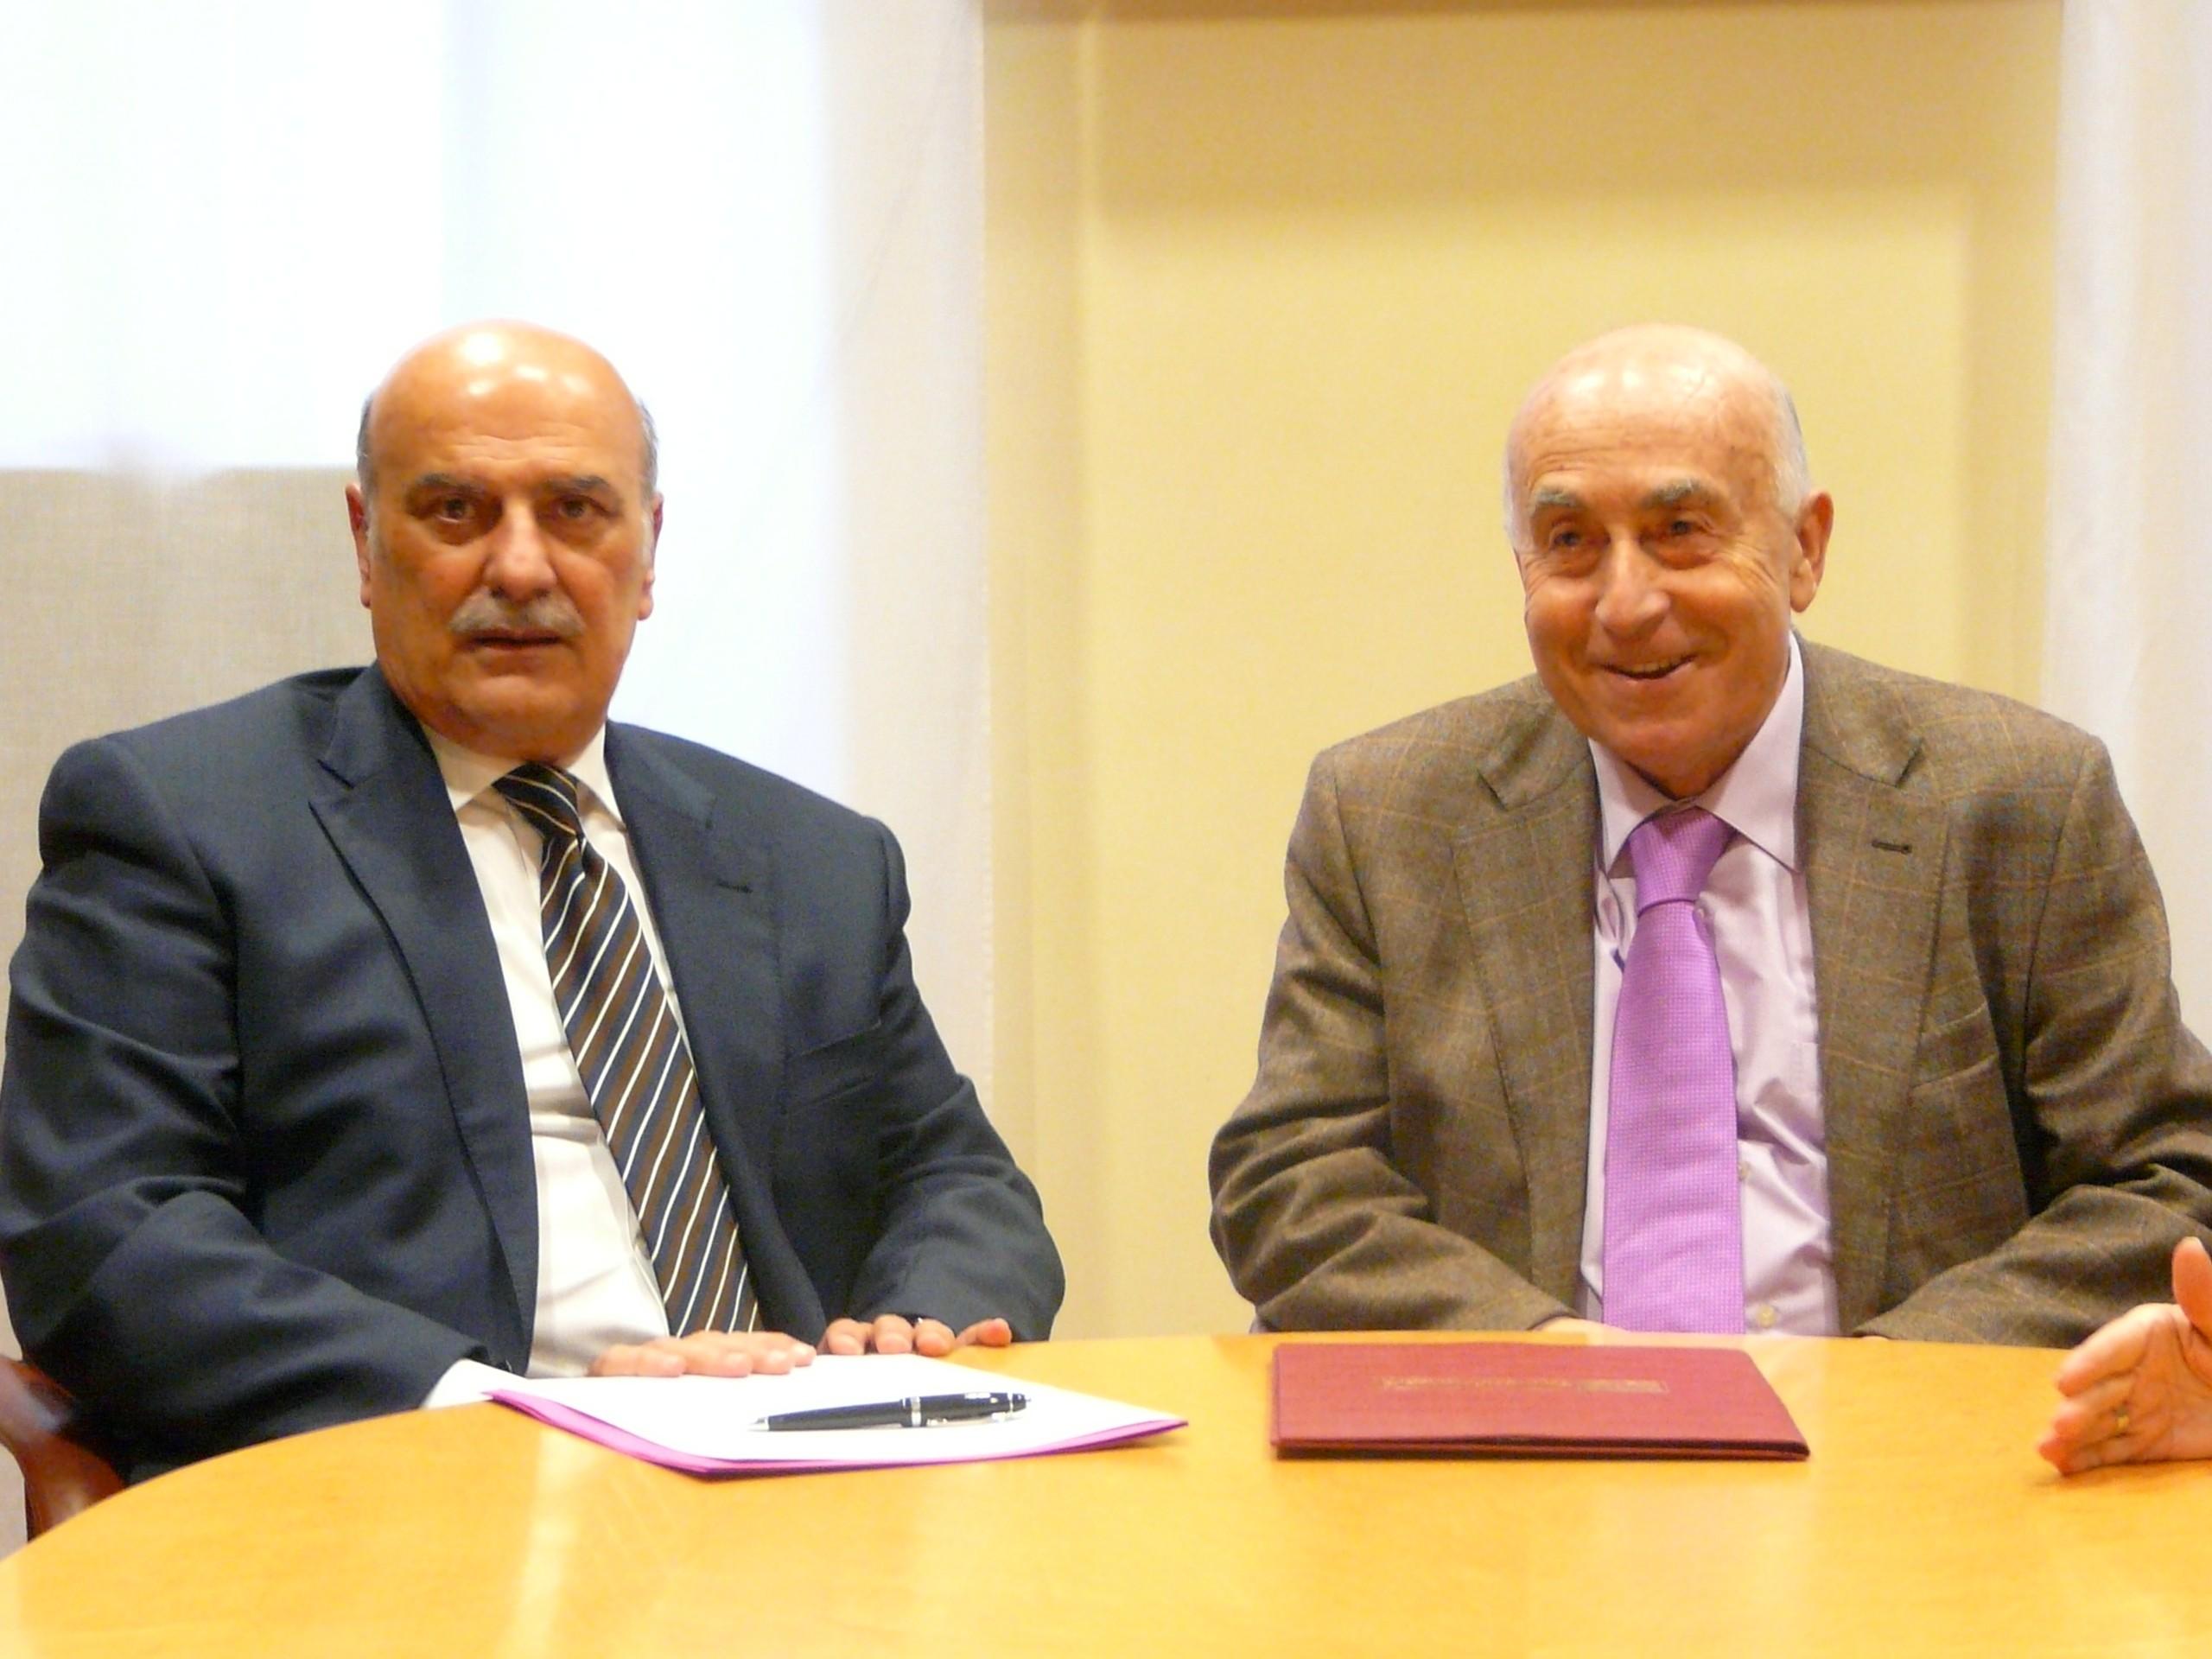 El síndic y el decano del Colegio Provincial de Abogados de Alicante firman un convenio de colaboración para proteger los derechos y libertades de los ciudadanos